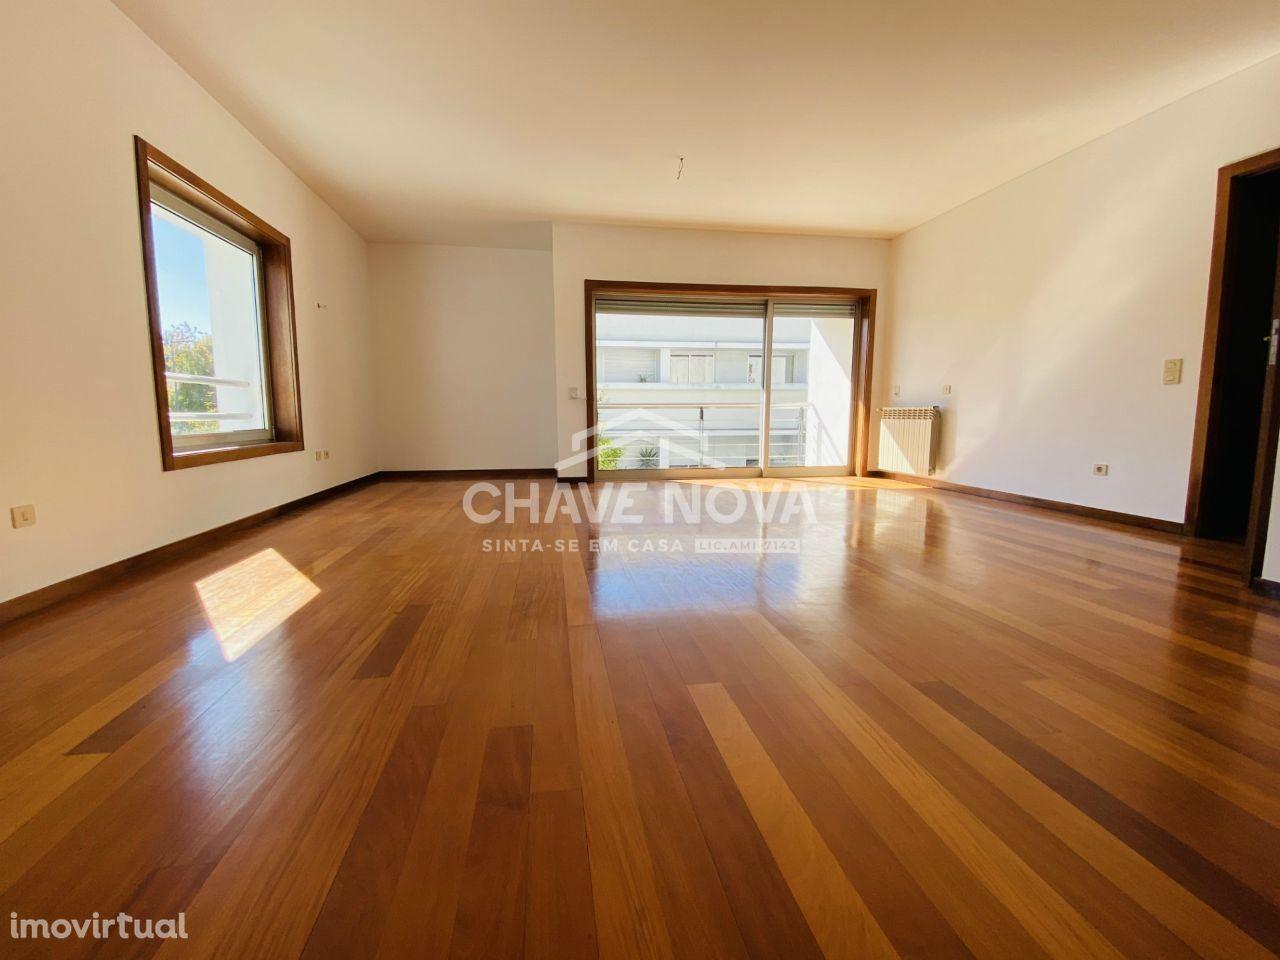 Apartamento T4 Duplex c/ garagem box em Milheirós, Maia